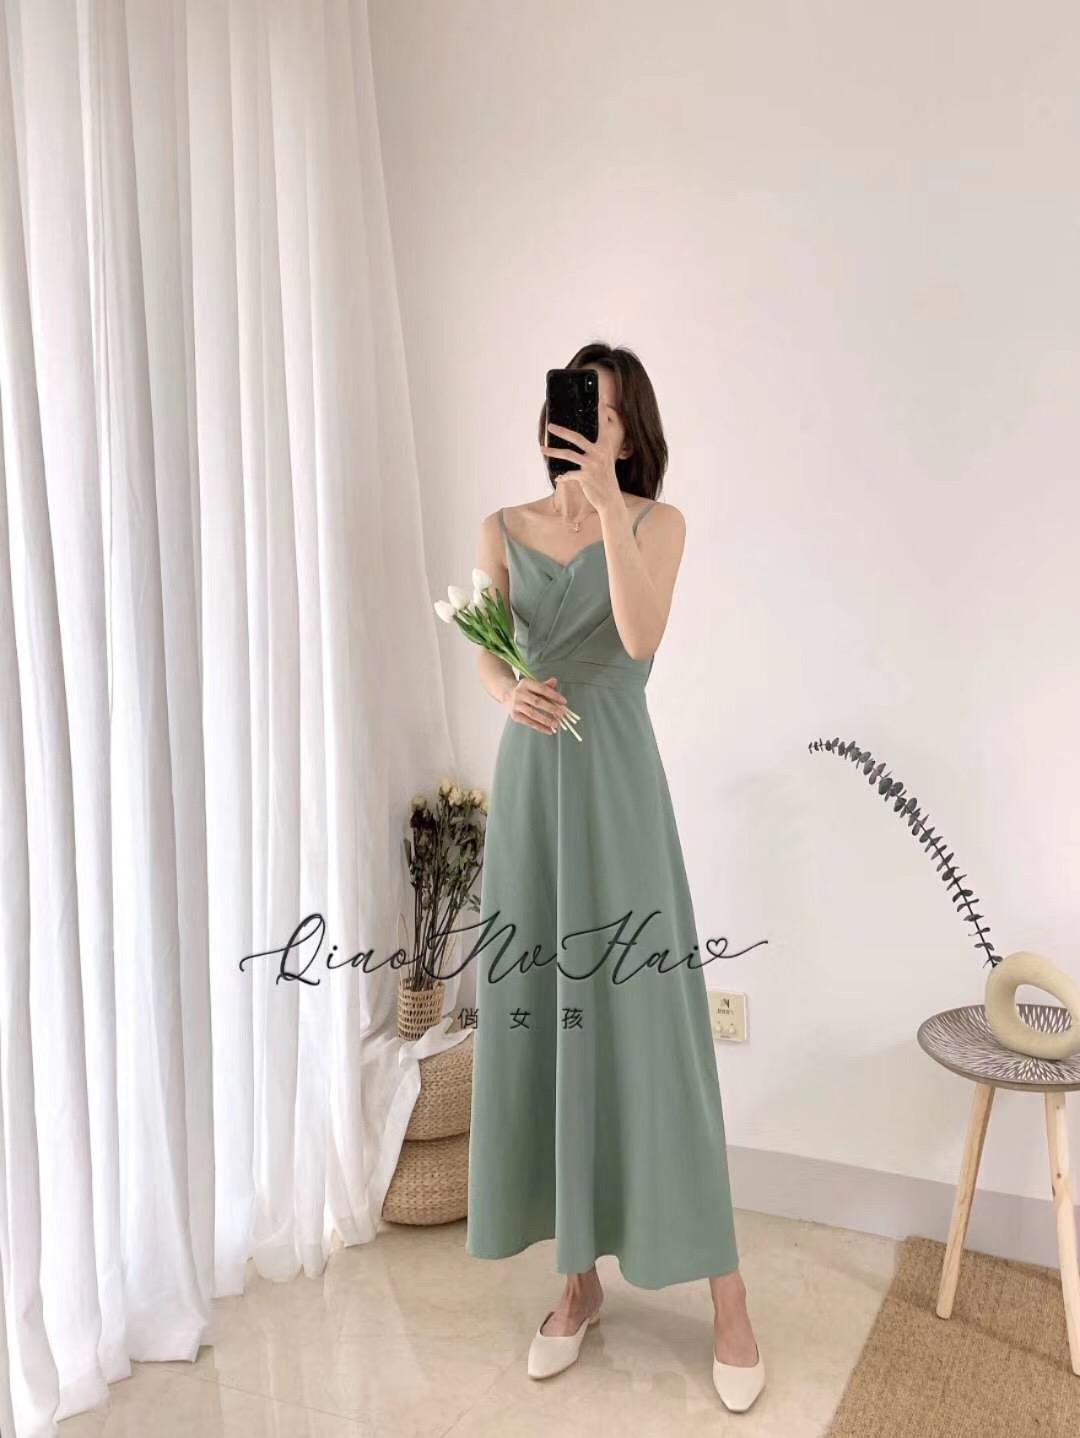 2020夏新款赫本法式复古设计感气质收腰吊带连衣裙度假性感裙子女